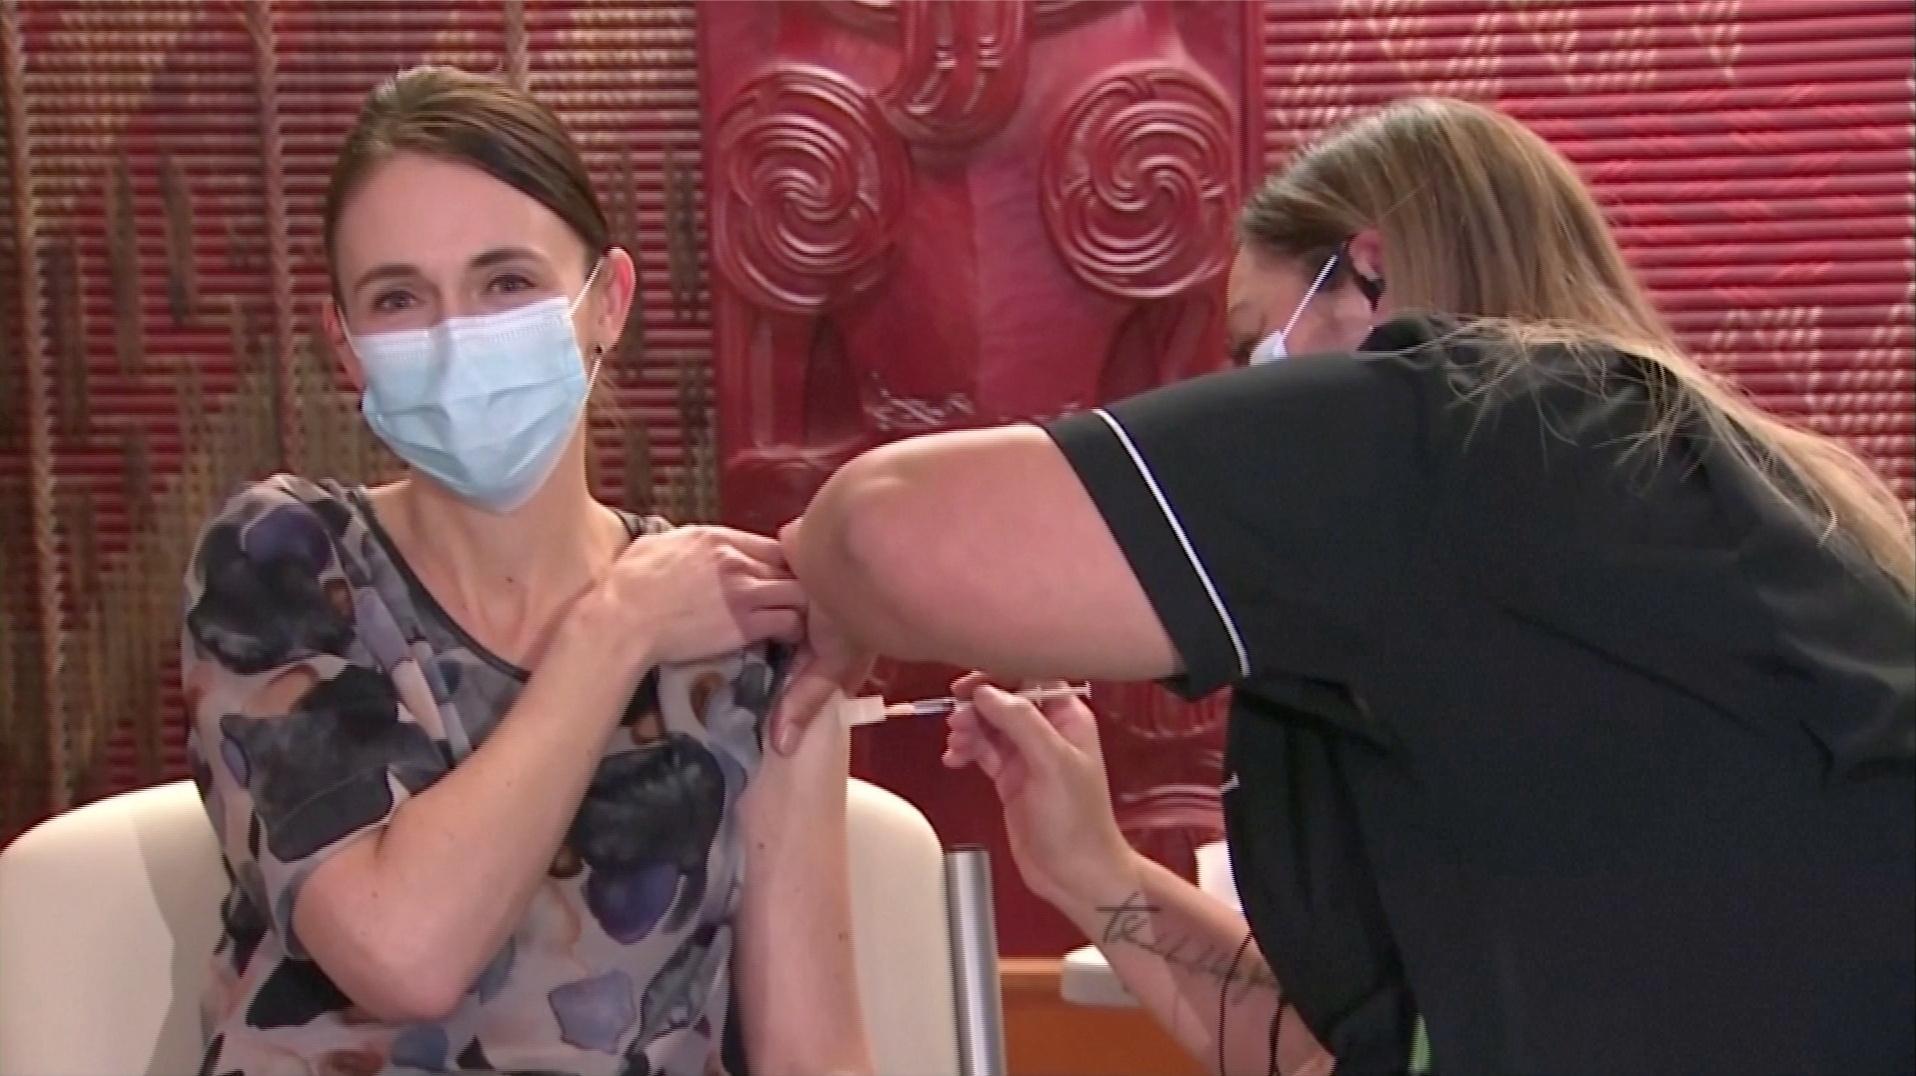 رئيسة وزراء نيوزيلندا تتلقى الجرعة الأولى من لقاح